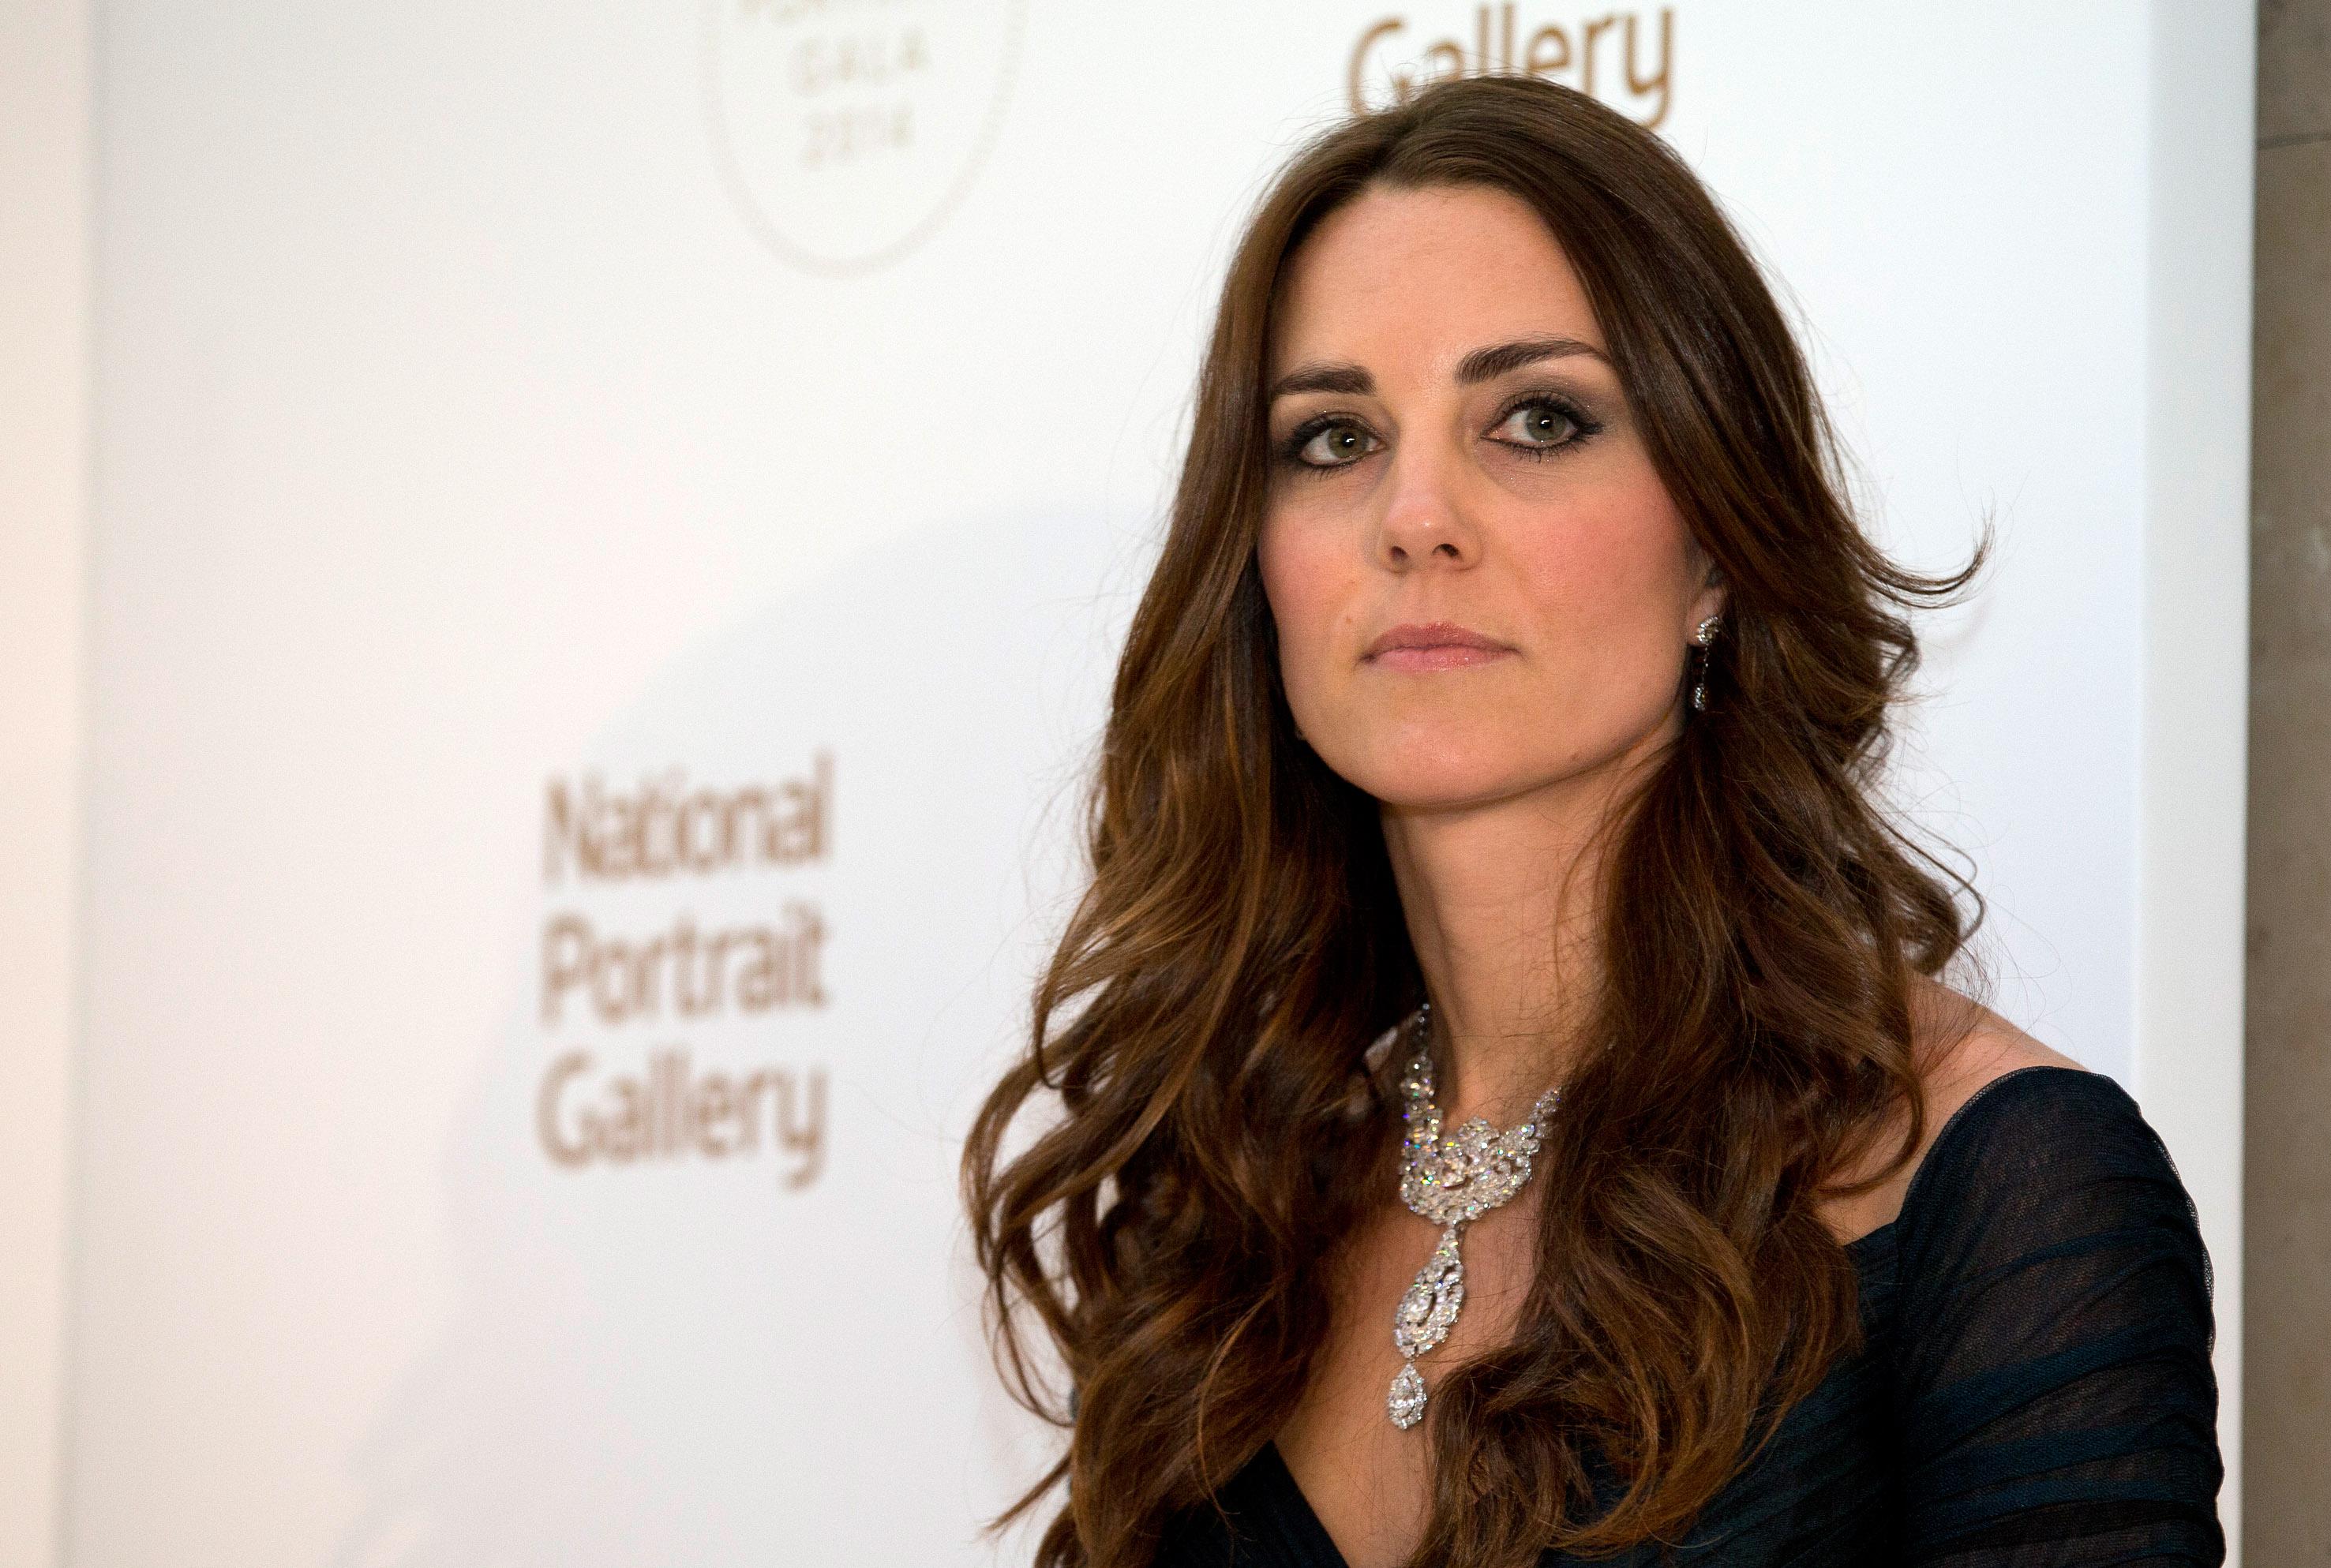 Kate Middleton: scollatura e collier milionario per la cena senza William (VIDEO)